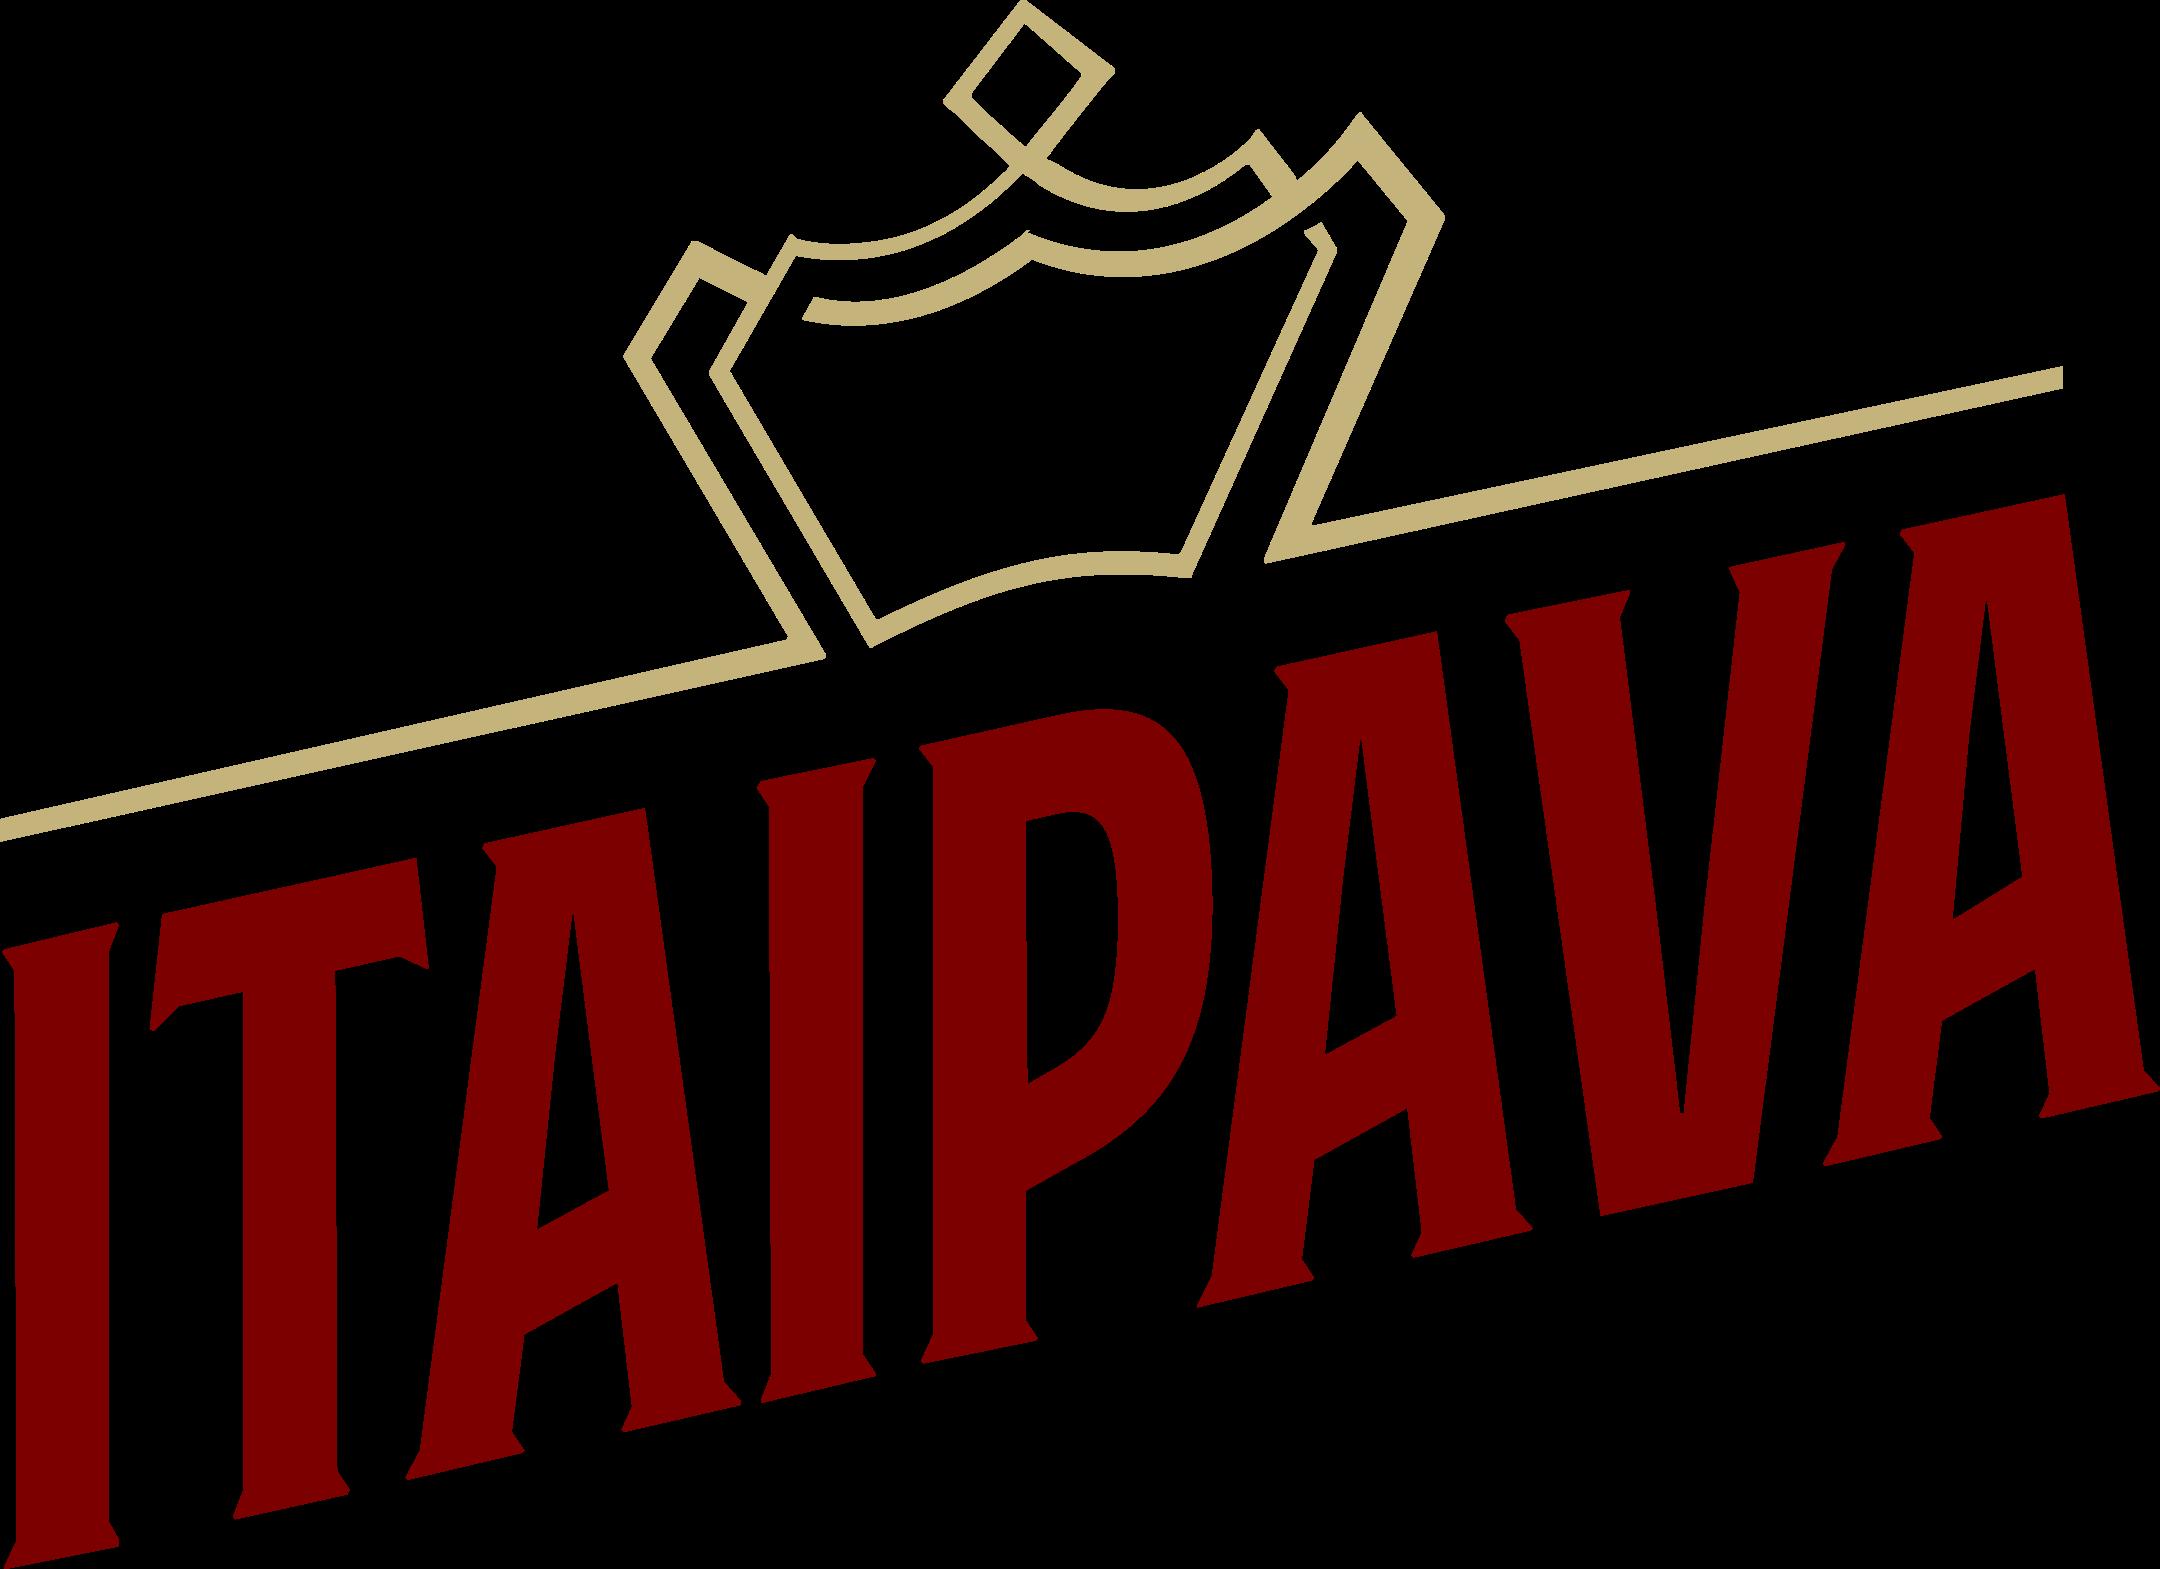 itaipava logo 1 1 - Itaipava Logo